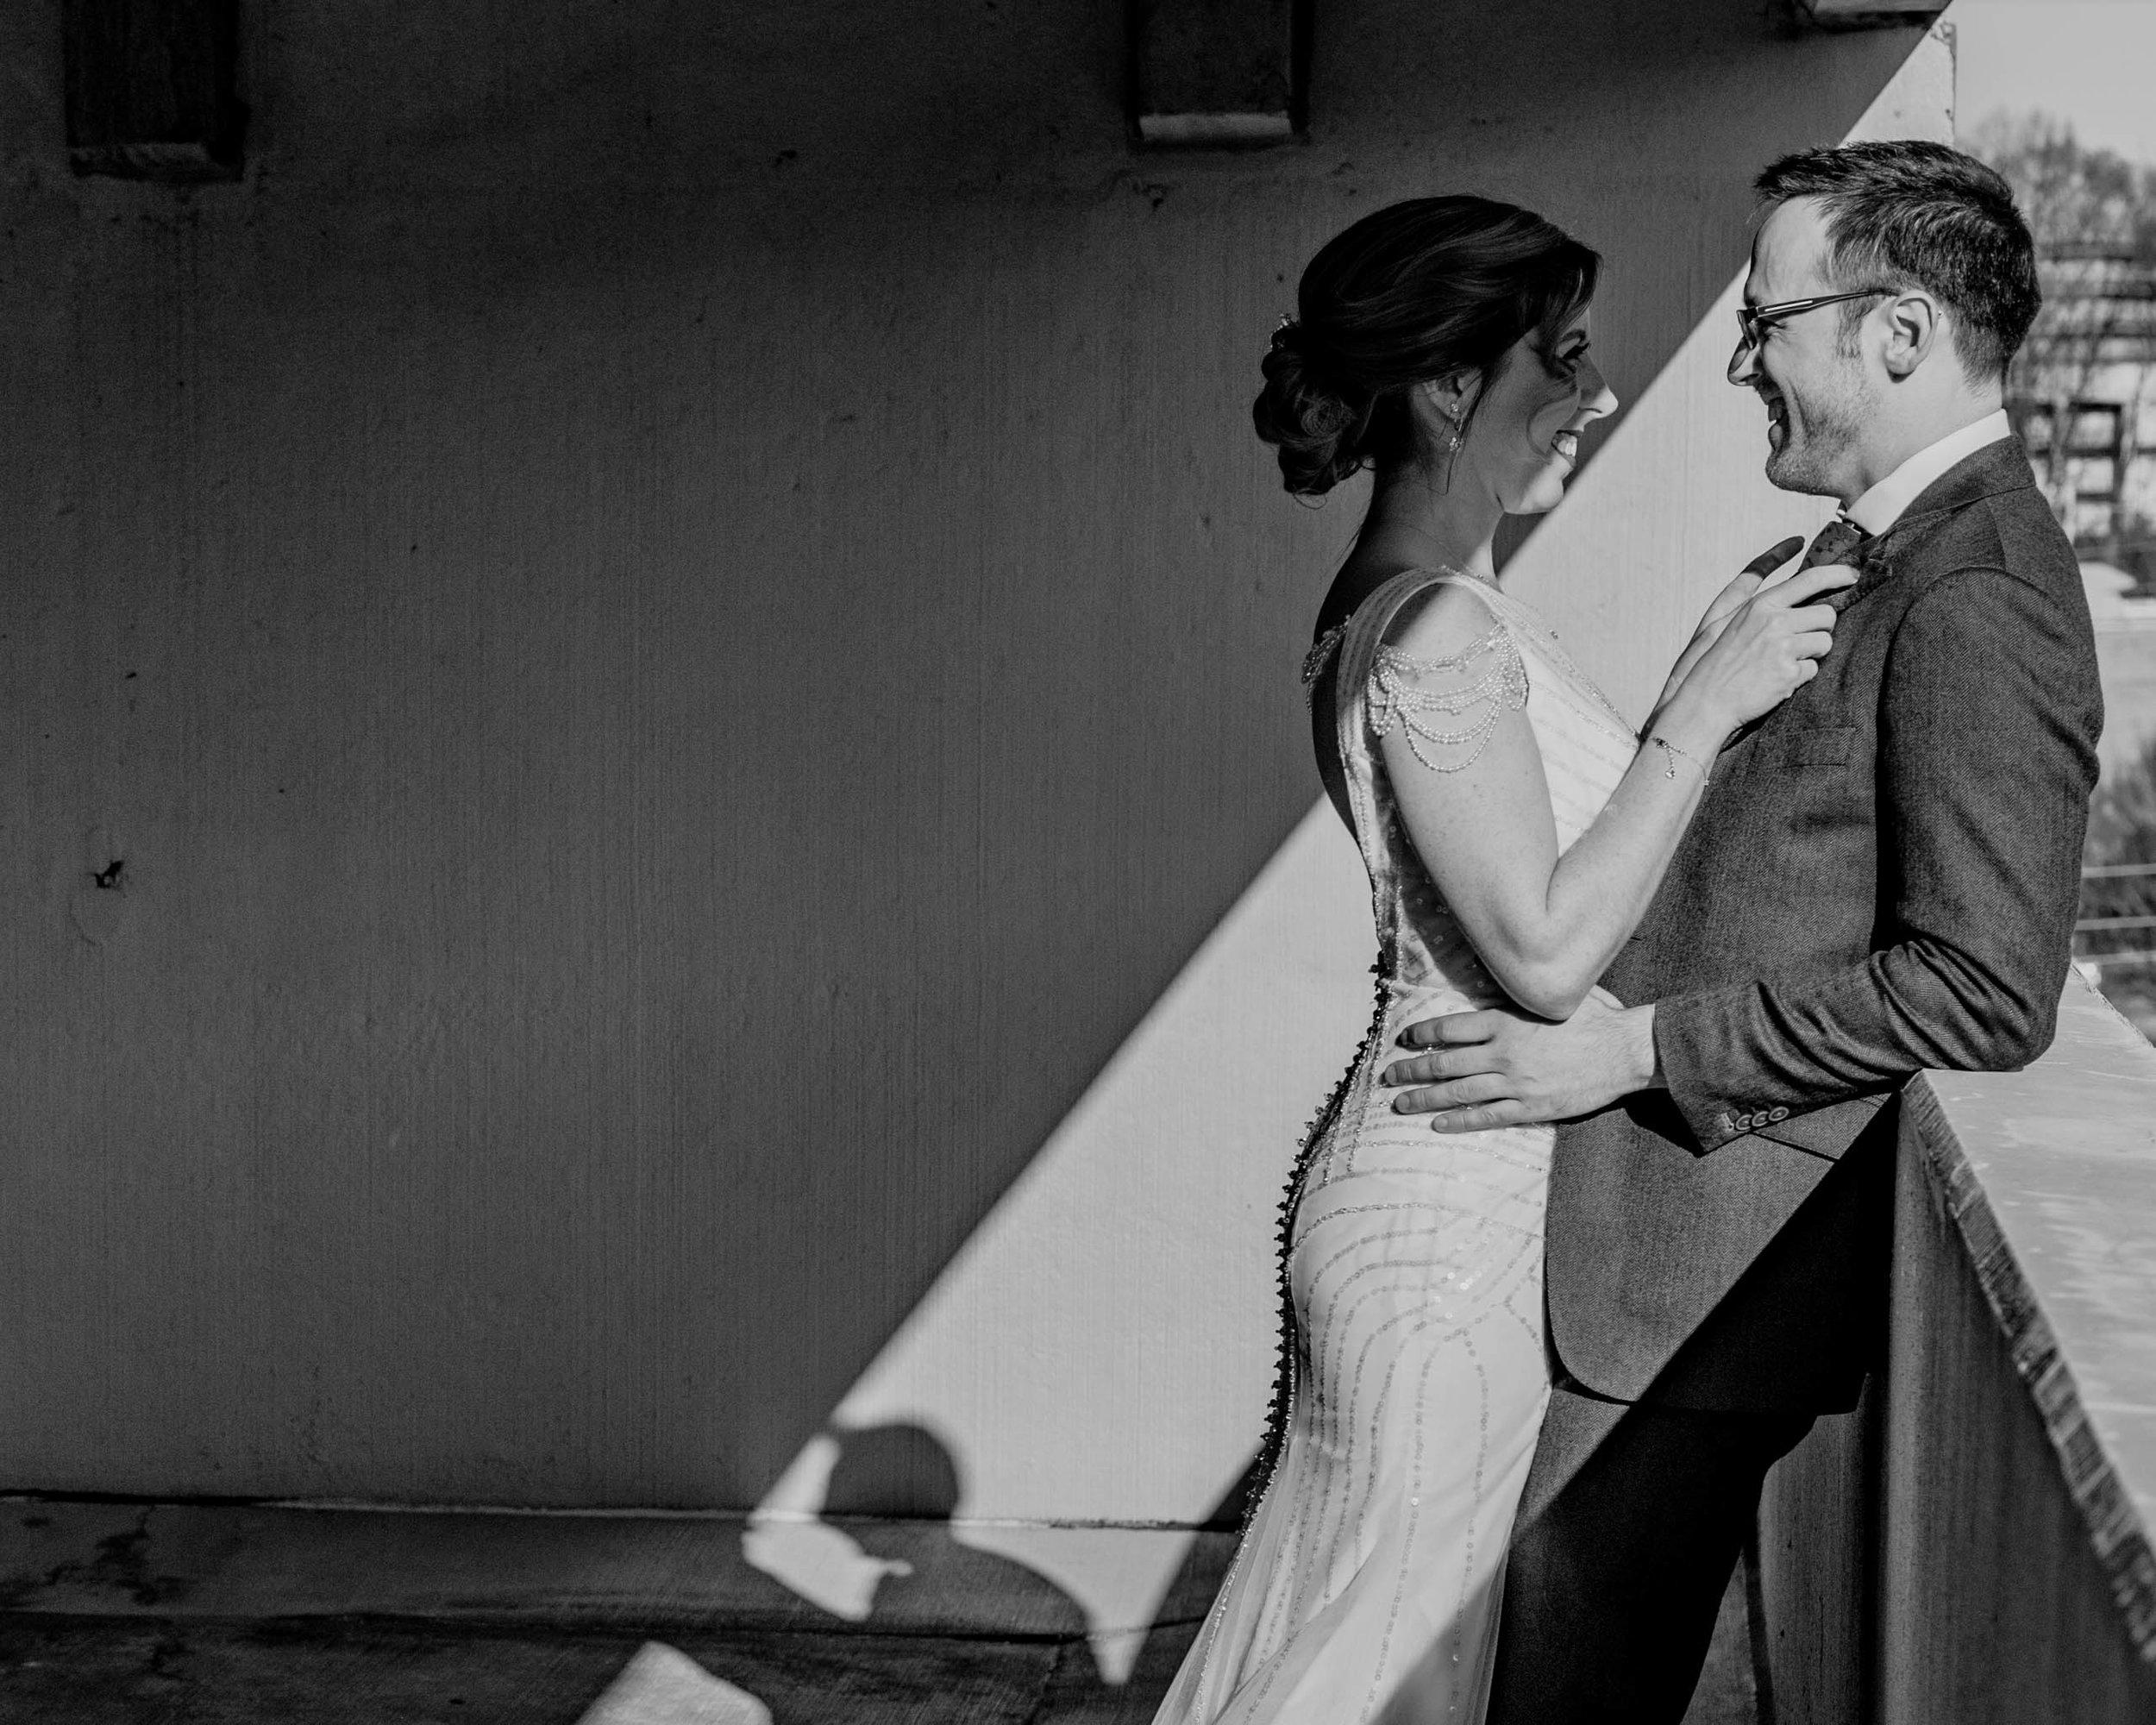 vidrio-weddings-raleigh-adam-chapin-photography-1.jpg